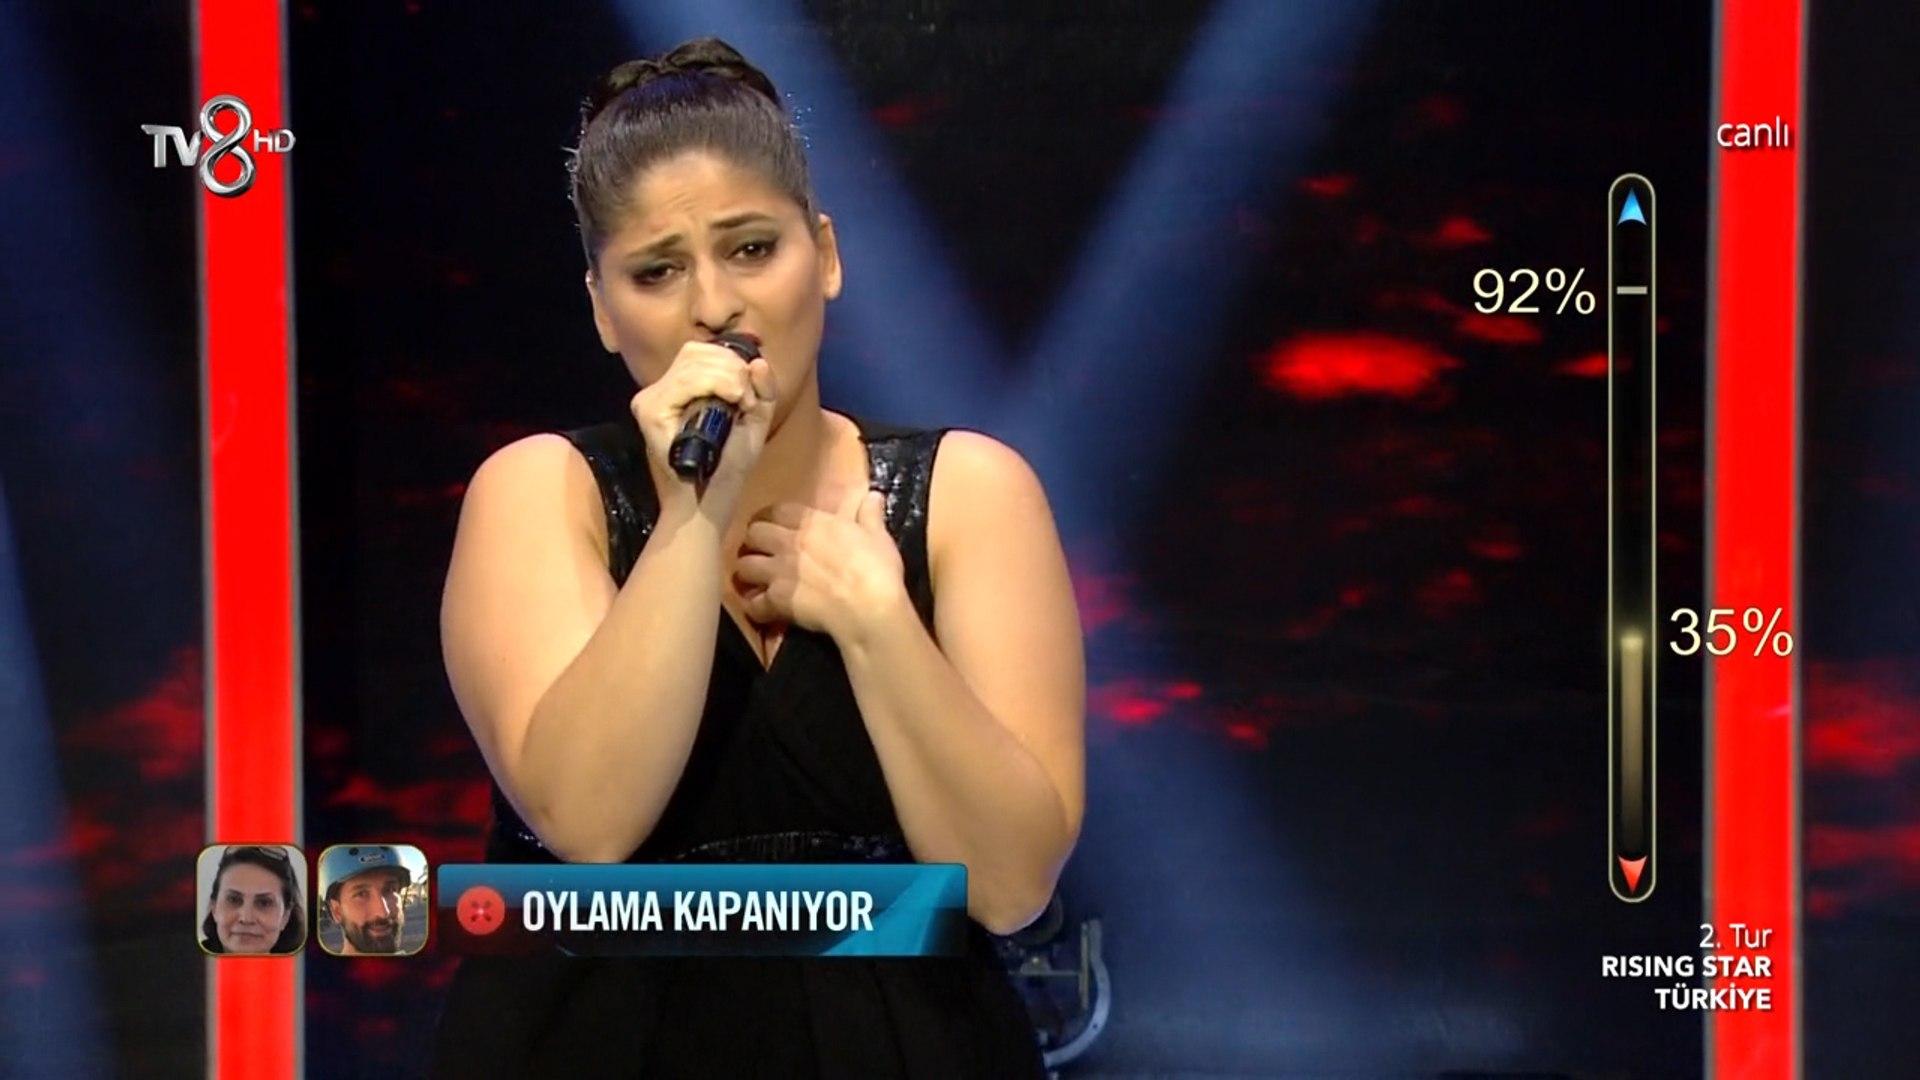 Damla Sarıkaya 'Mazi Kalbimde Bir Yaradır' - Rising Star Türkiye 6 Eylül 2016